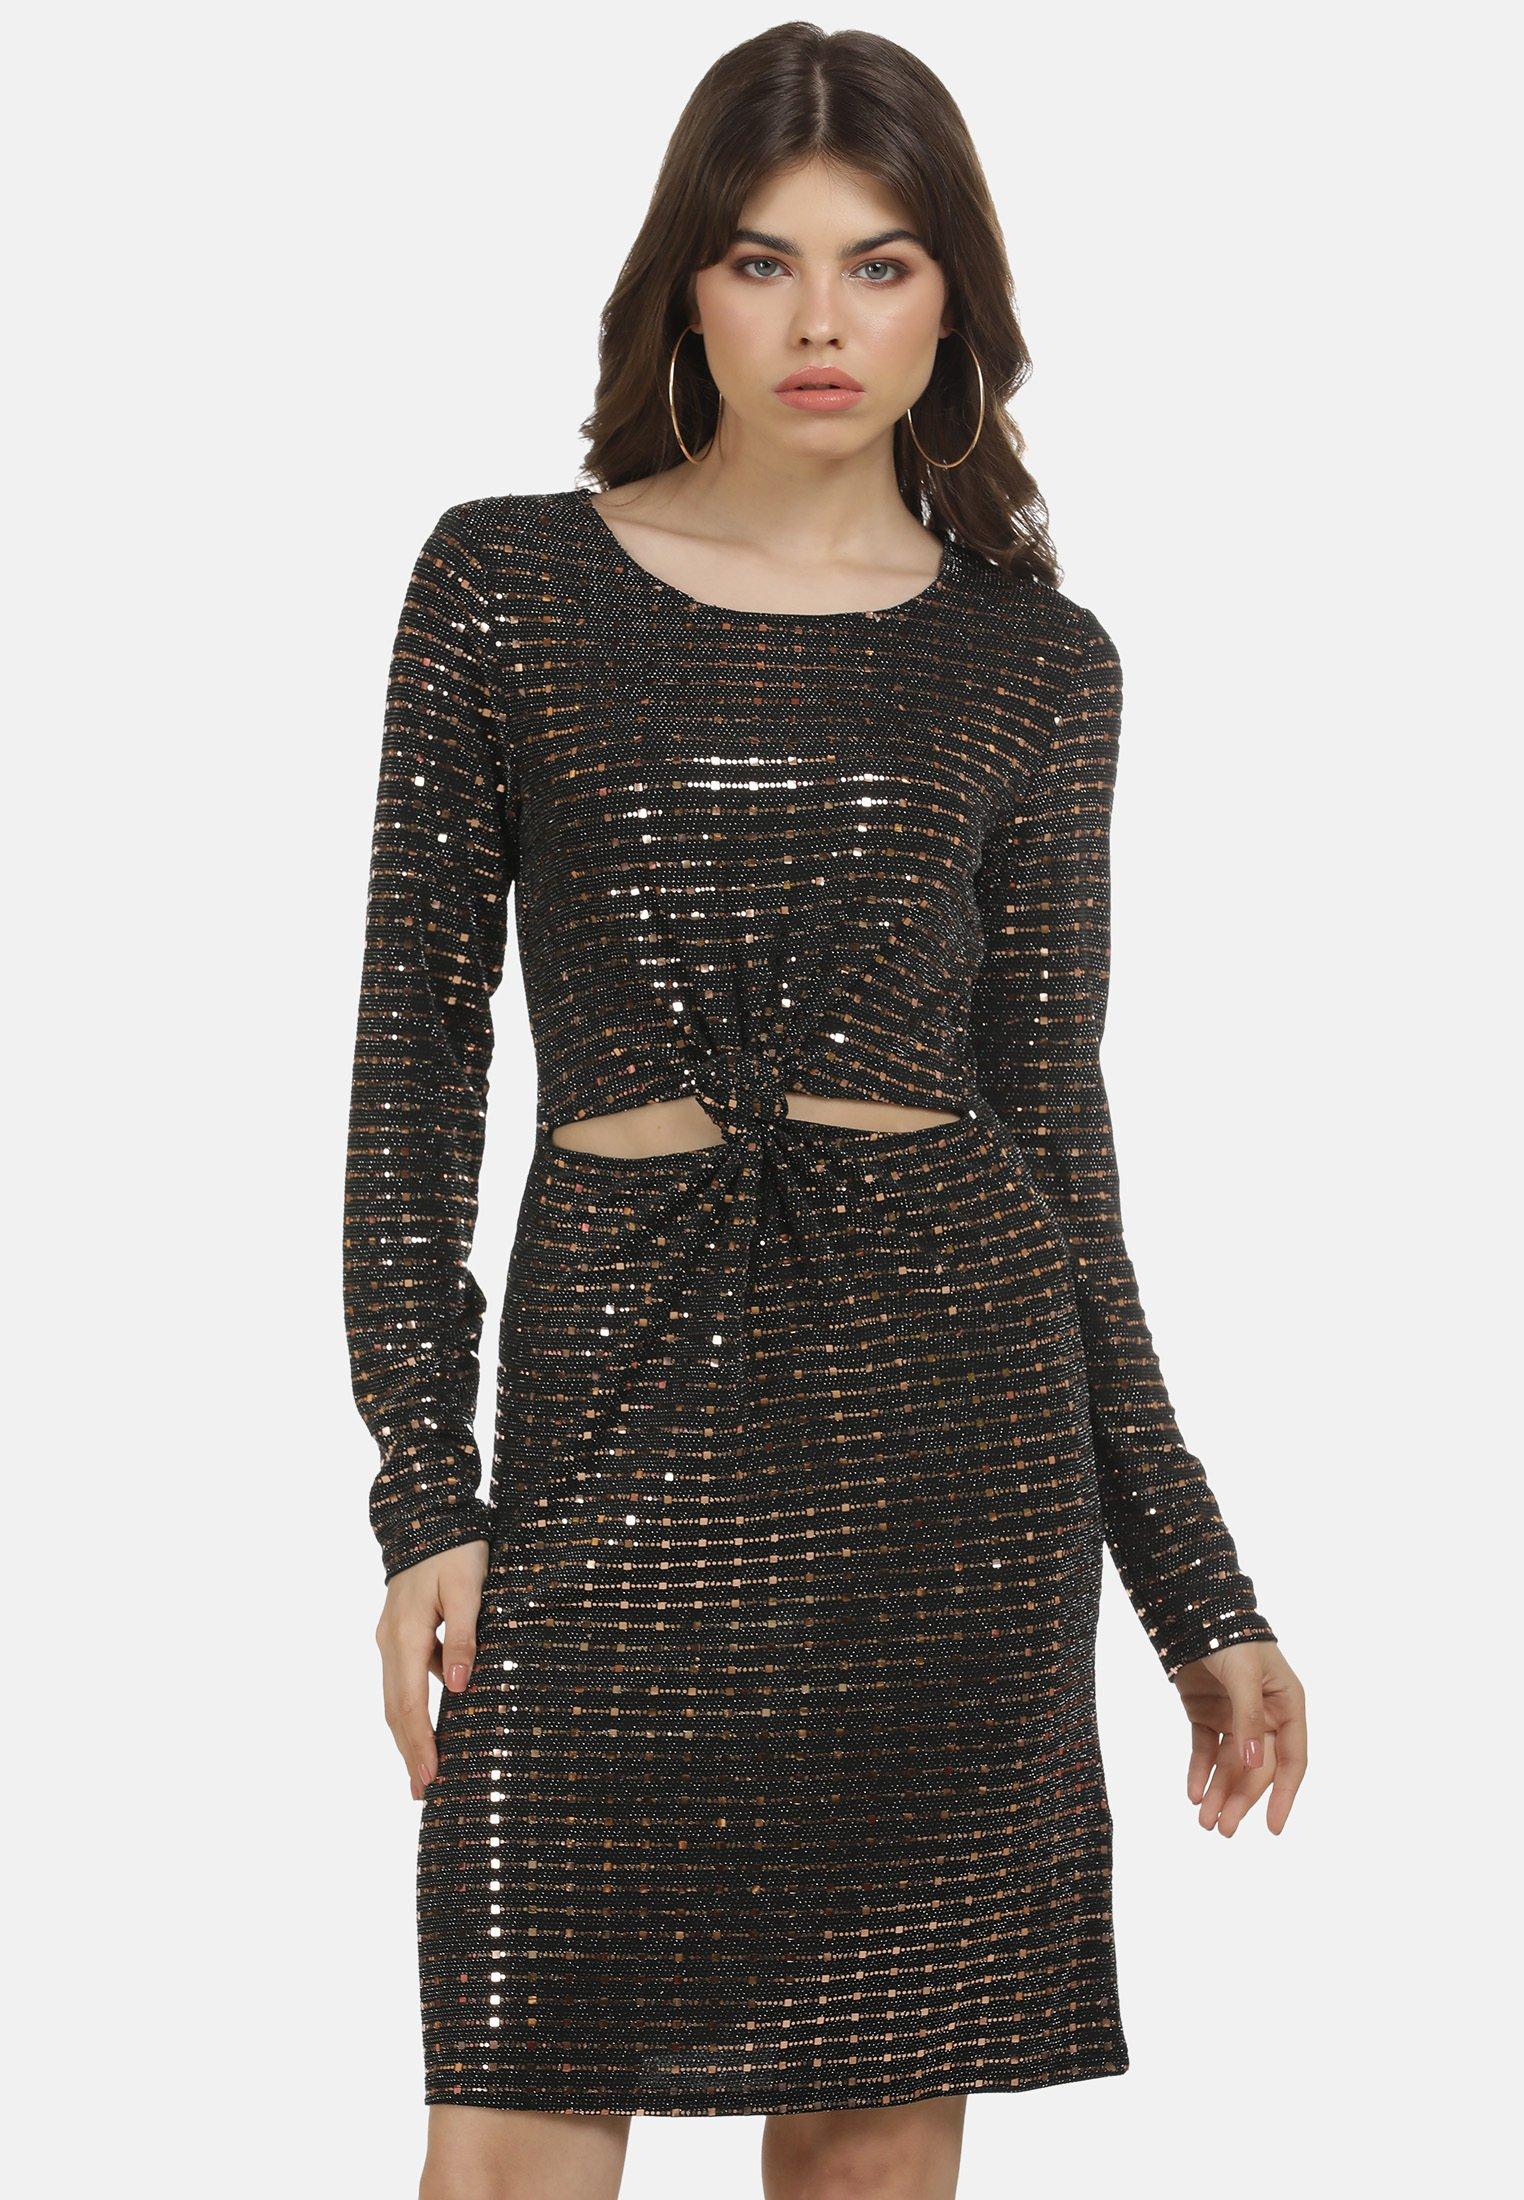 Cercando Abbigliamento da donna myMo at night Vestito elegante holographic